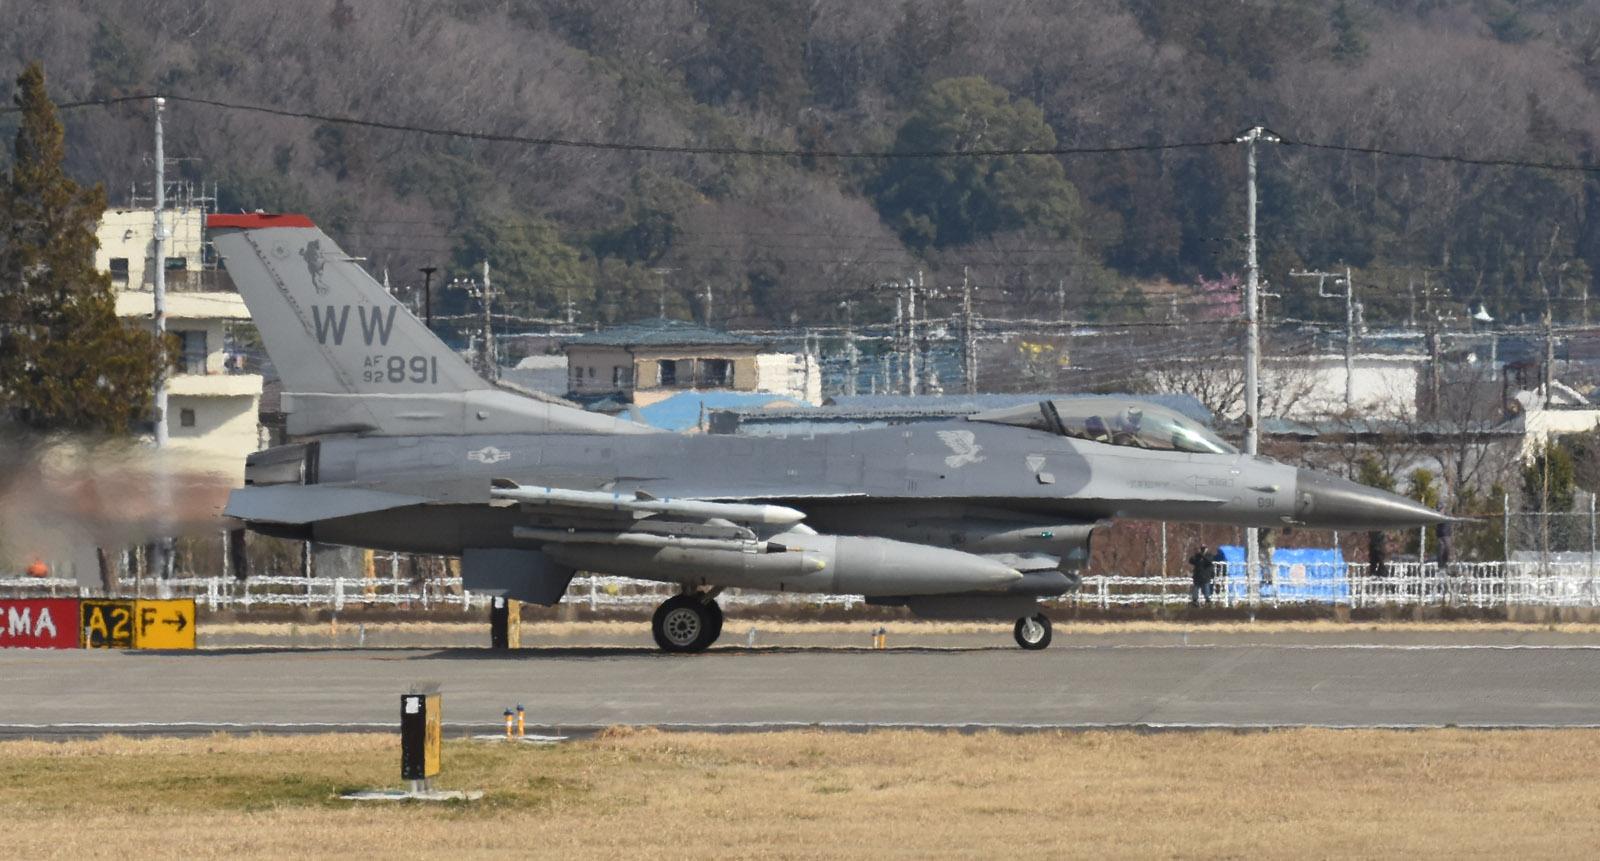 F16cm190312g976